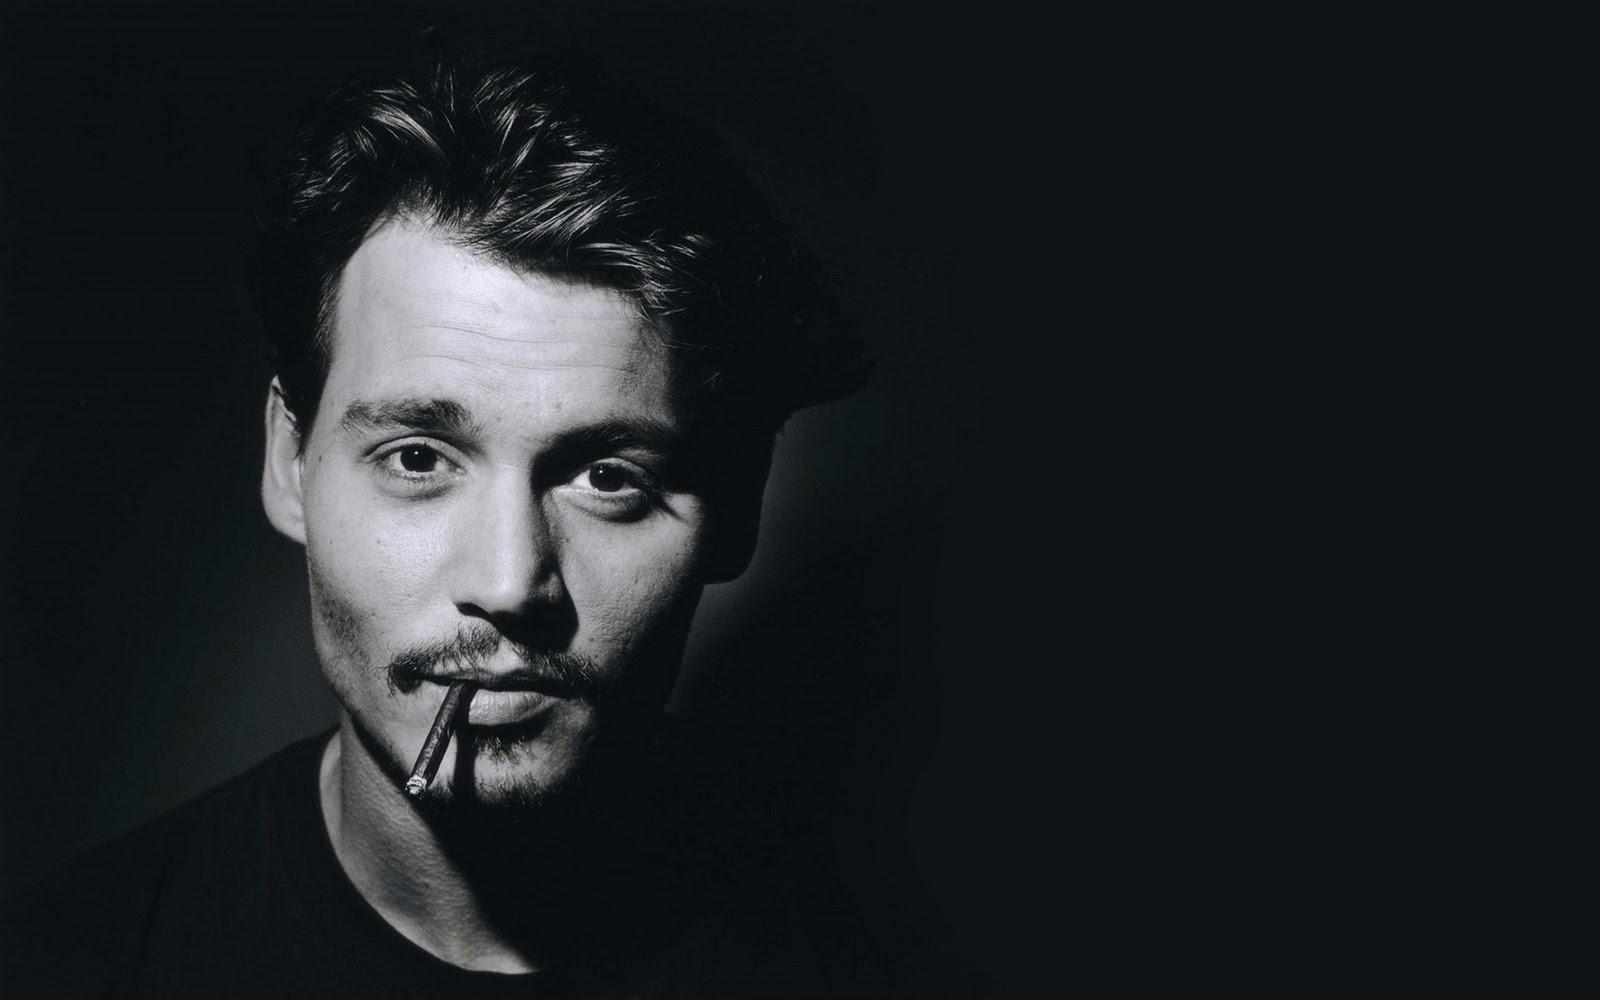 http://2.bp.blogspot.com/-W5tG8RCJ2Cw/T3EyfpA_2AI/AAAAAAAAAPk/APvmw15CaBw/s1600/Johnny+Depp+b&w.jpg